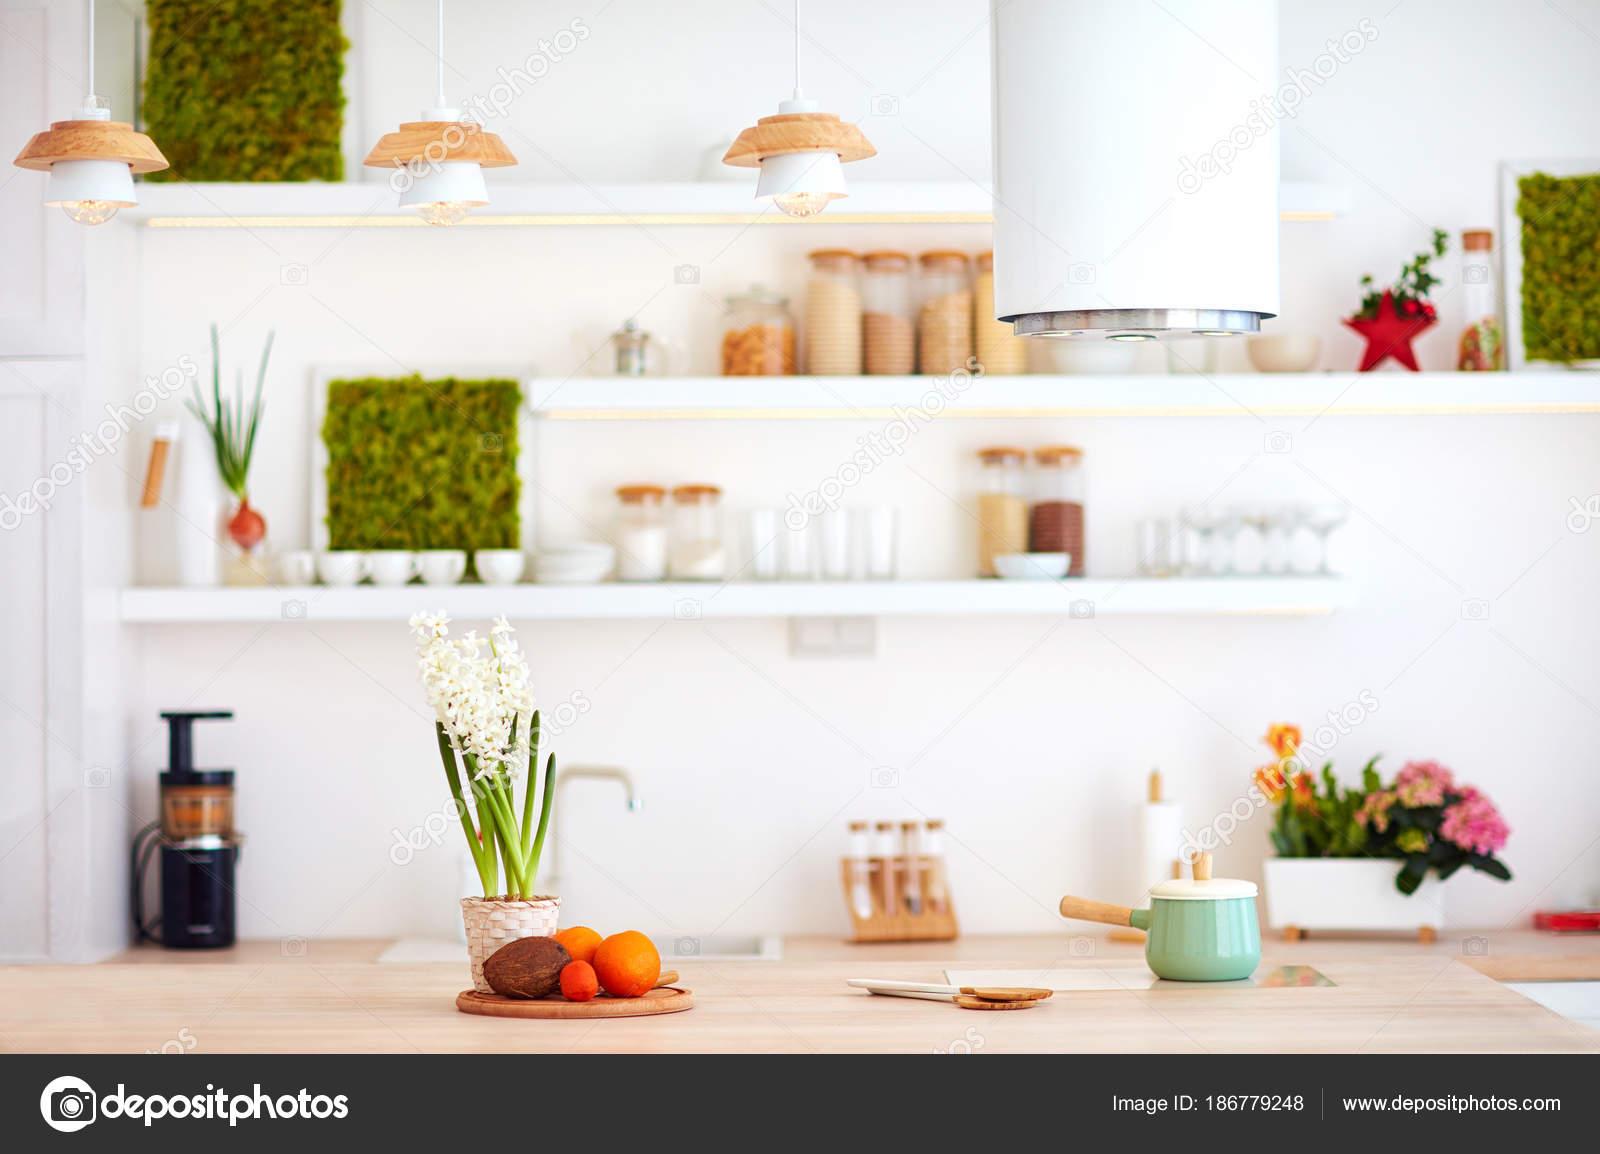 Aconchegante Cozinha Brilhante Com Madeira Da Bancada E Ilha Coifa